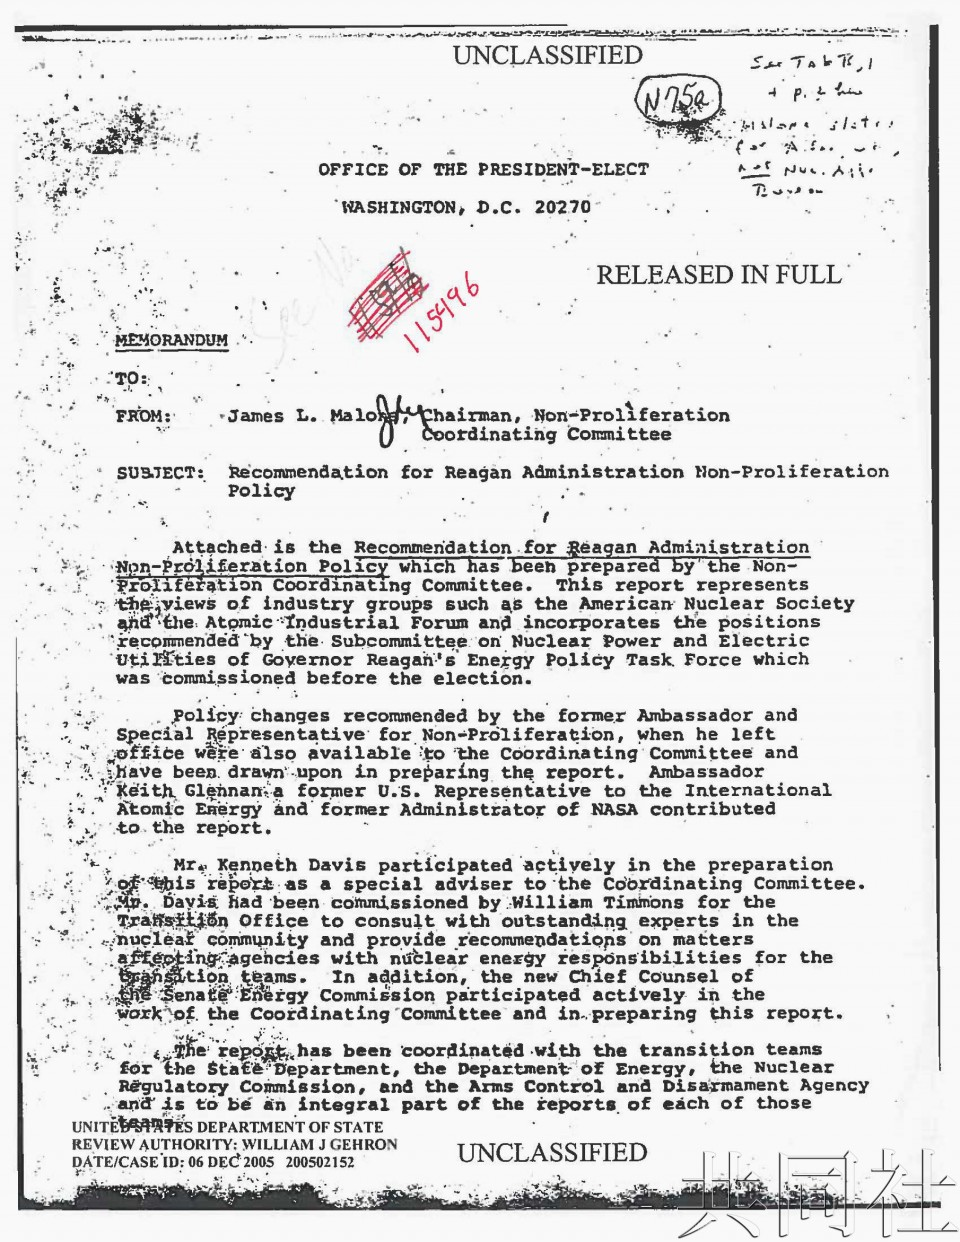 美国文件显示亲日说客推动允许日本乏燃料再处理